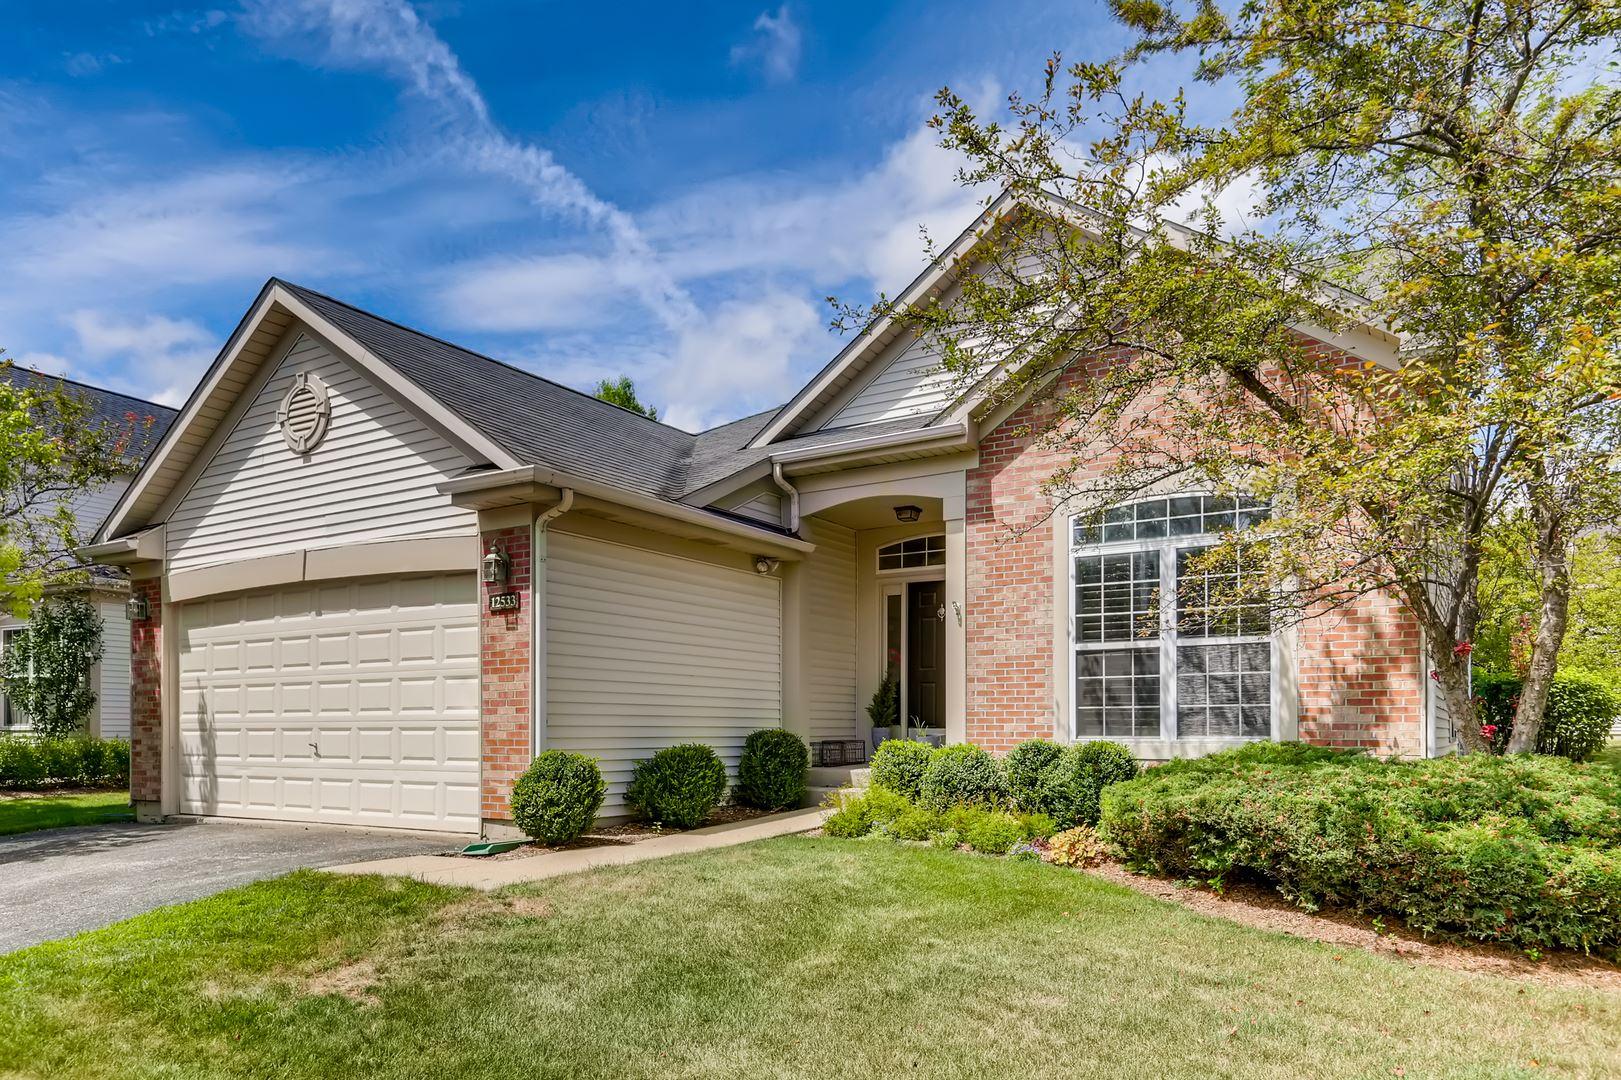 12533 Meadow Circle, Lake Bluff, IL 60044 - #: 10804111